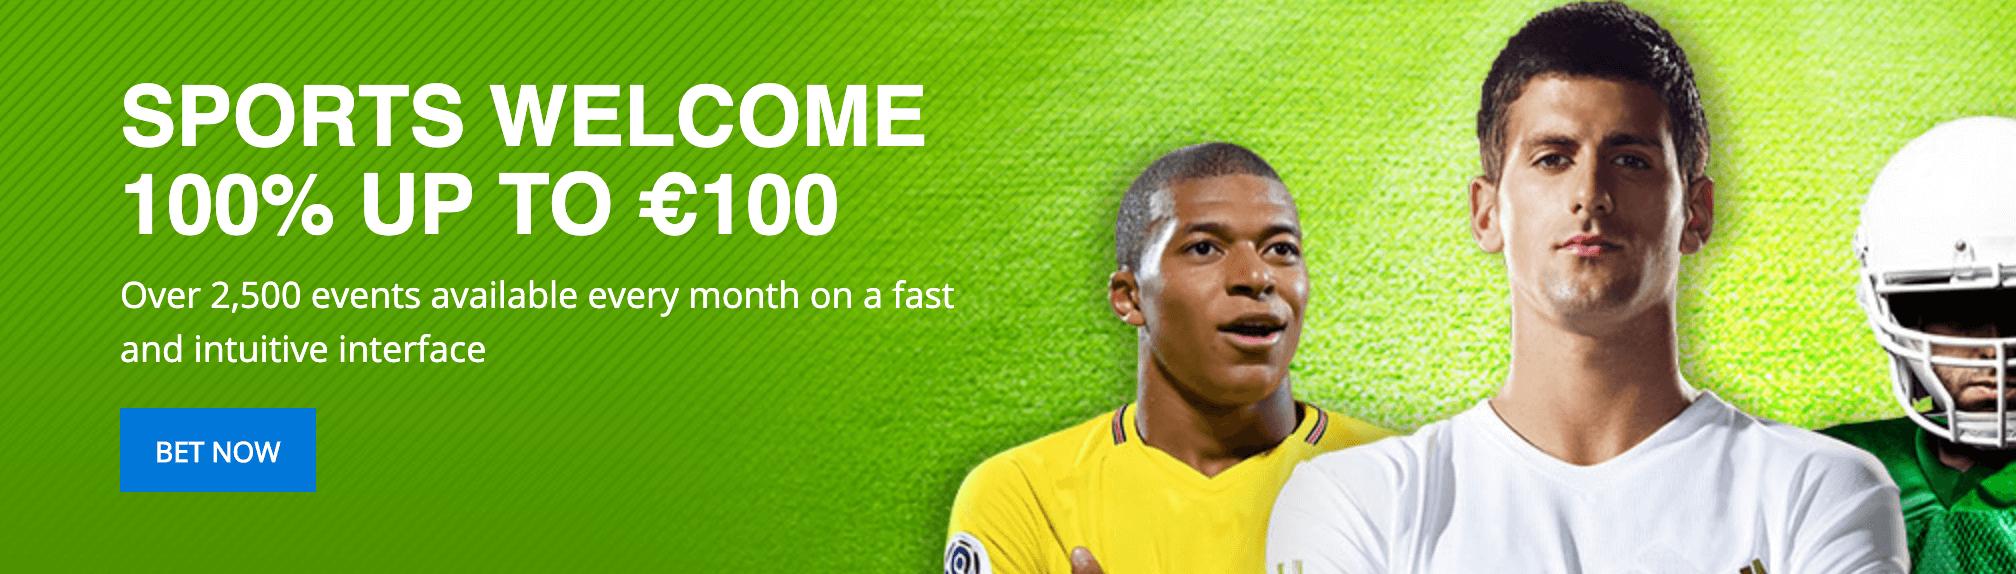 exclusivebet bonus 100